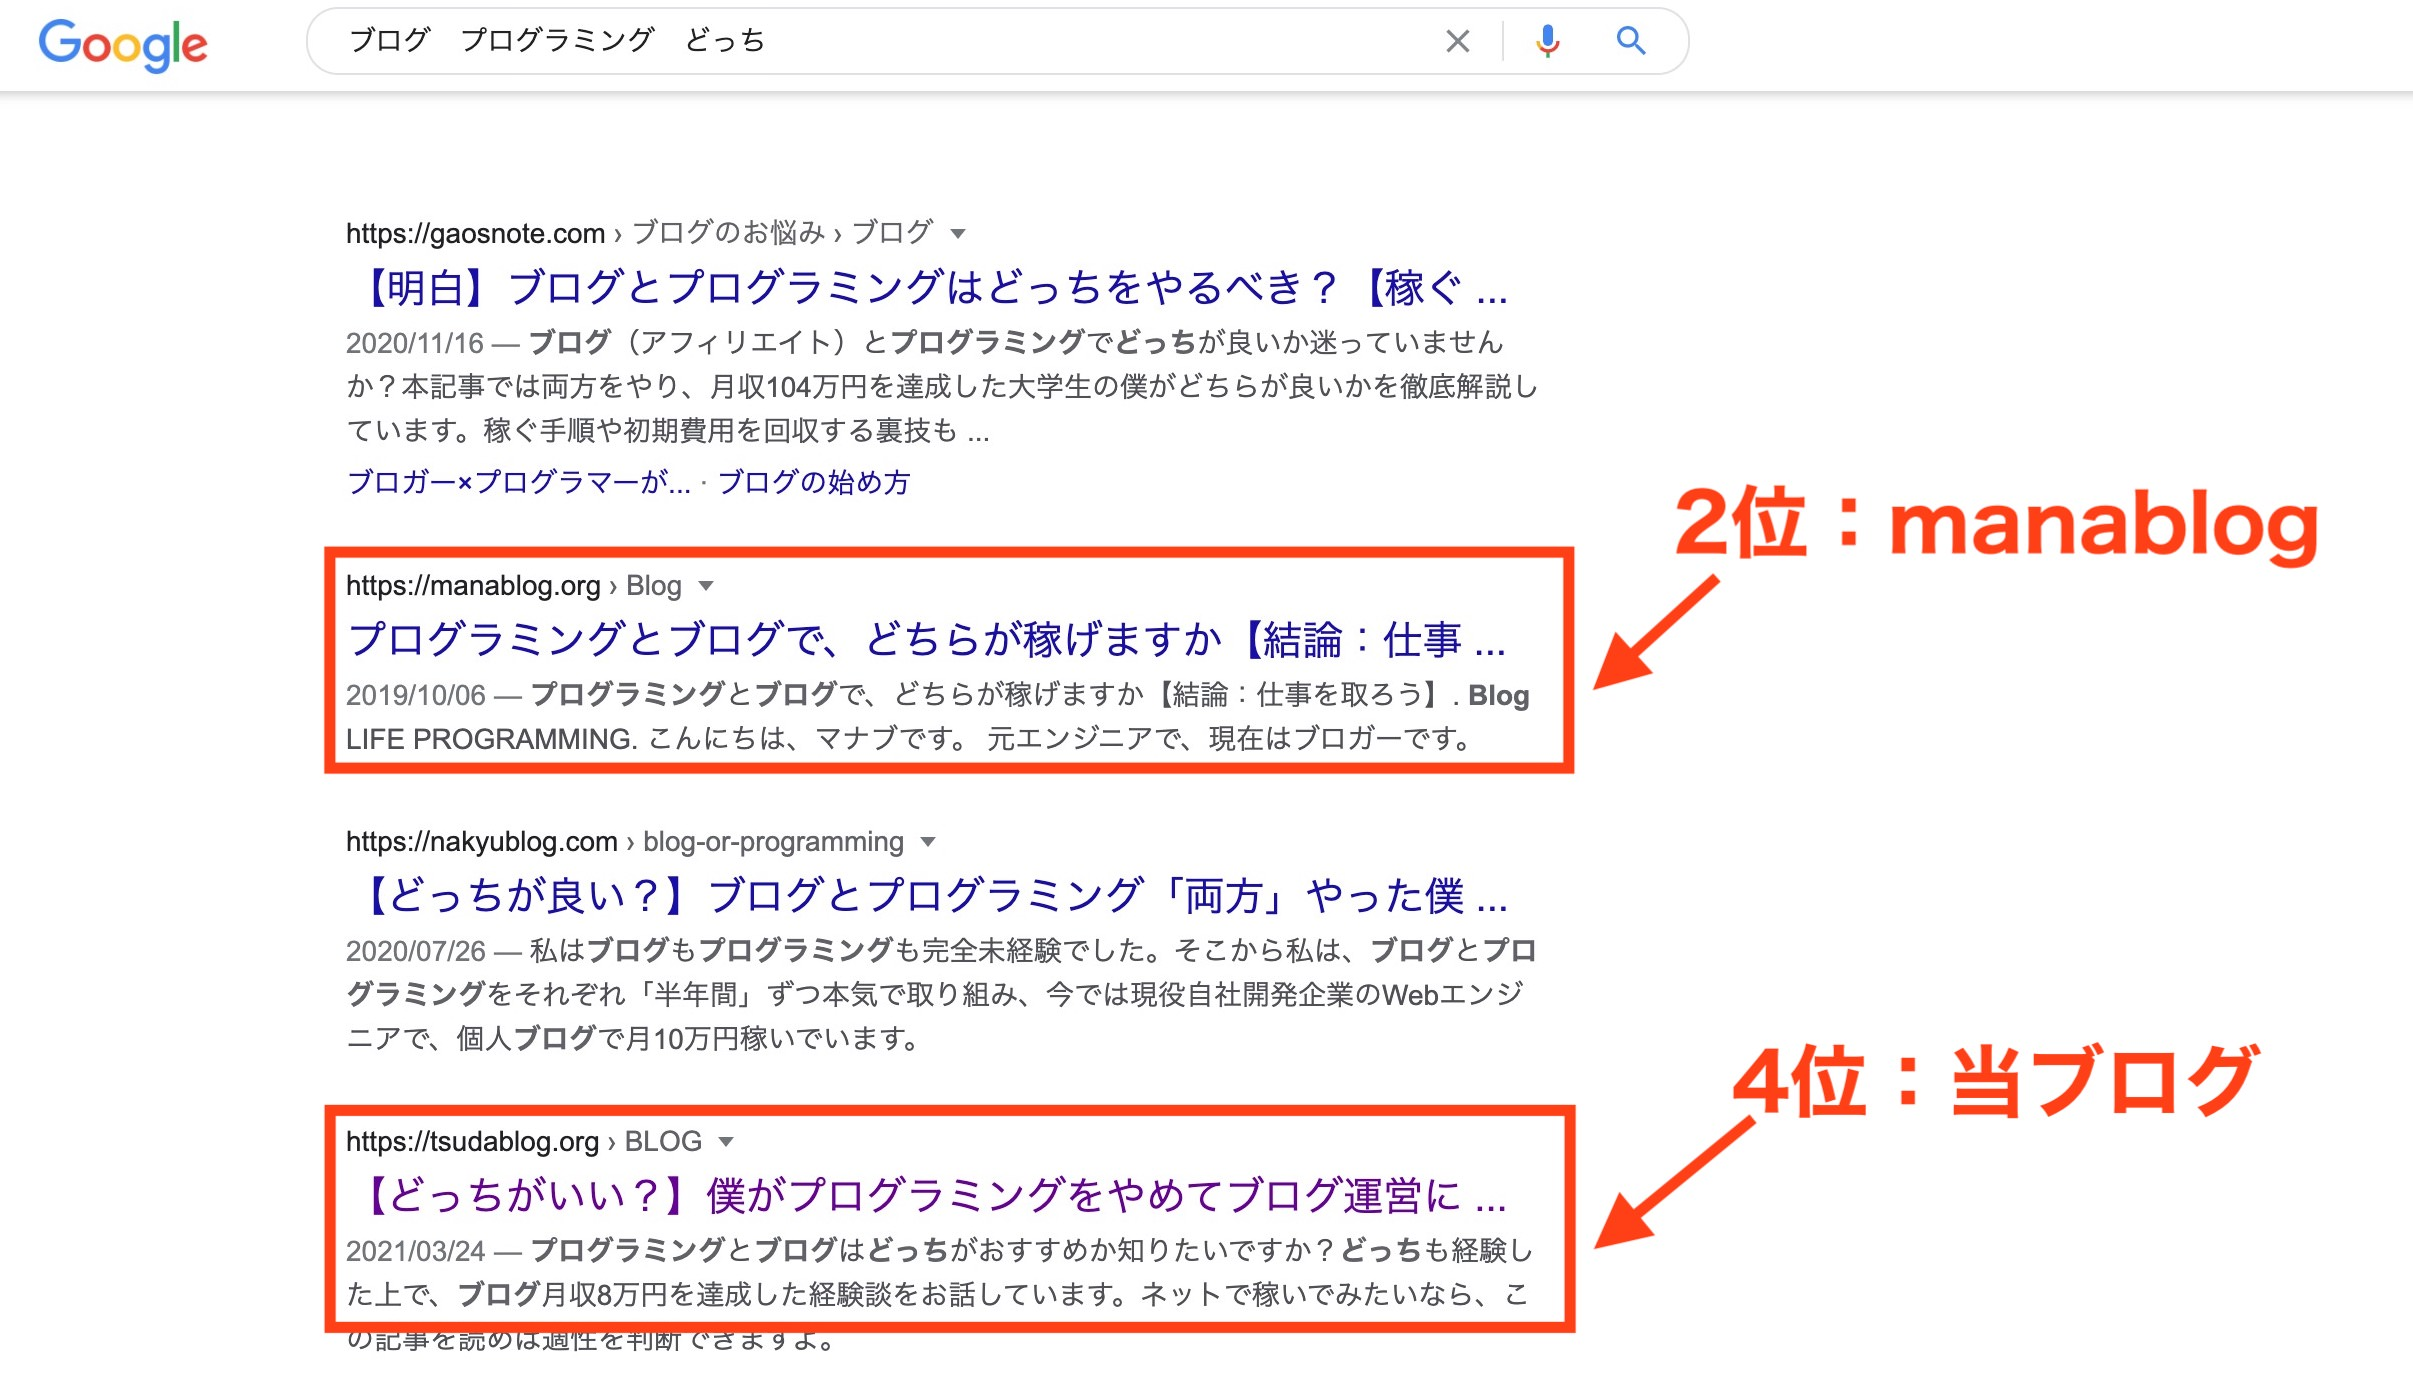 【ブログ プログラミング どっち】の検索結果